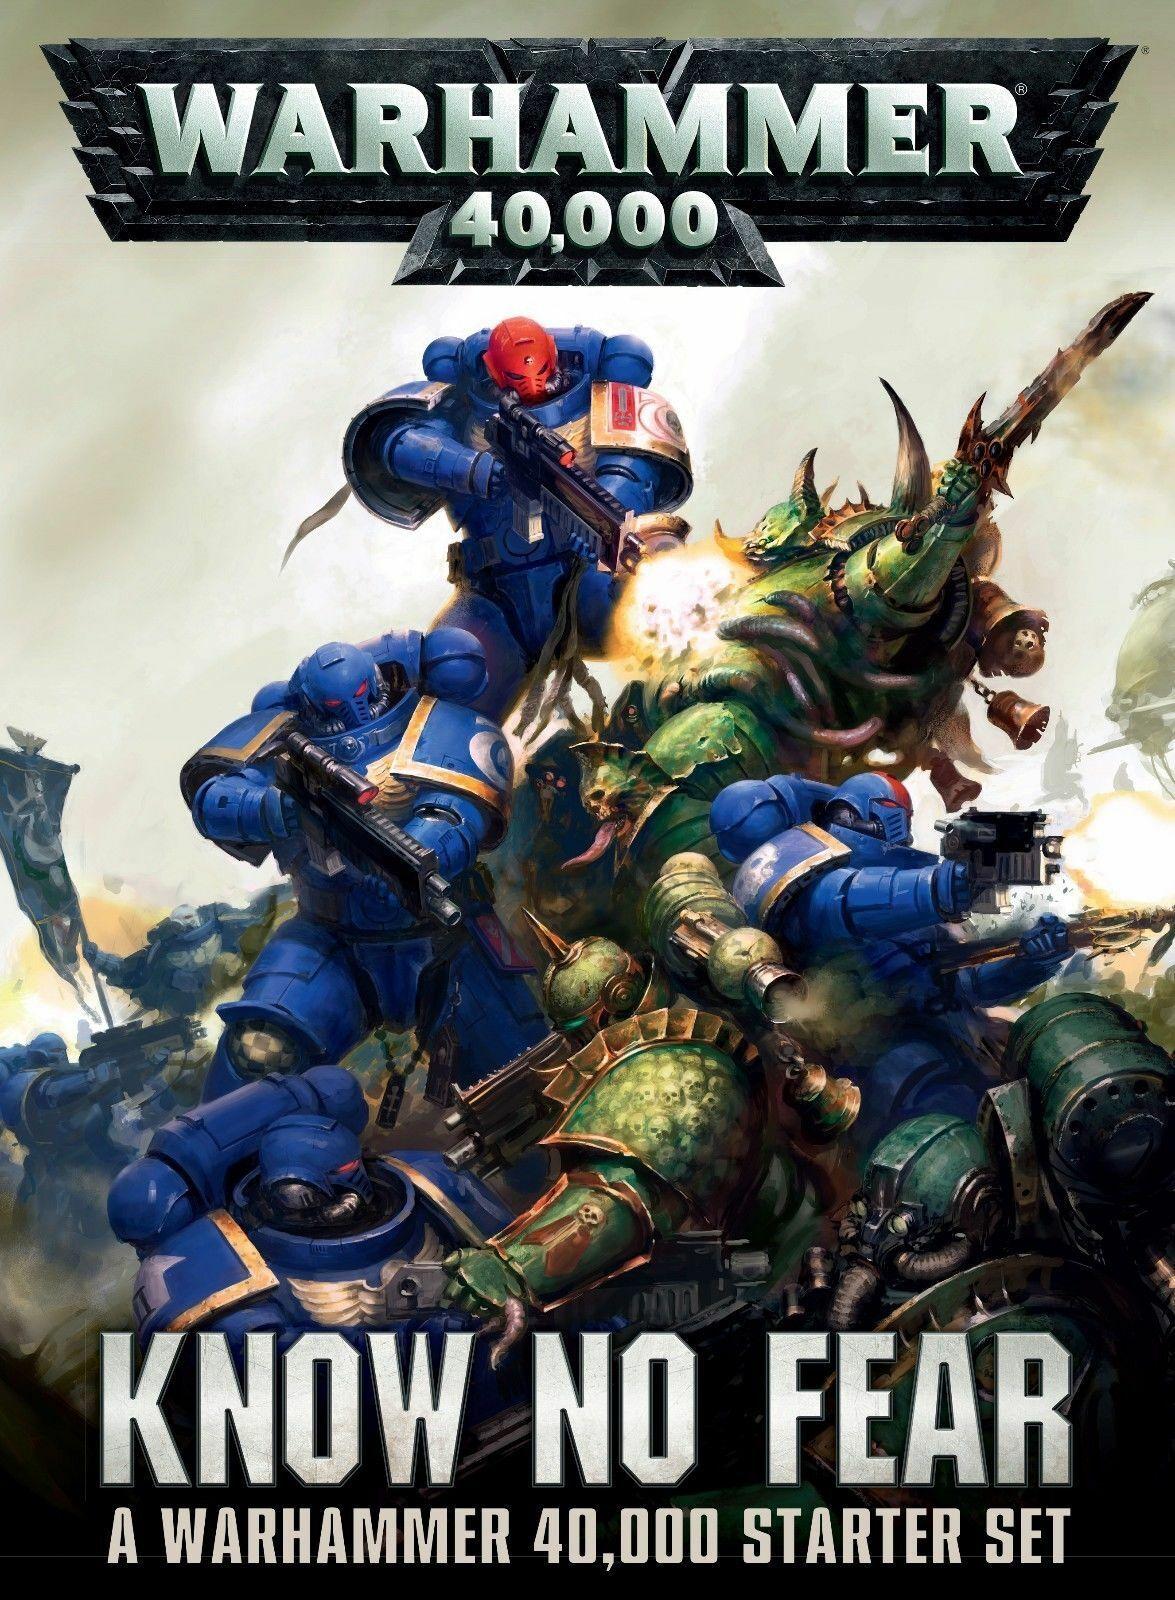 Warhammer 40k-saber sin miedo-un Warhammer 40k Estrellater Set-Nuevo En Caja-Envío Gratuito